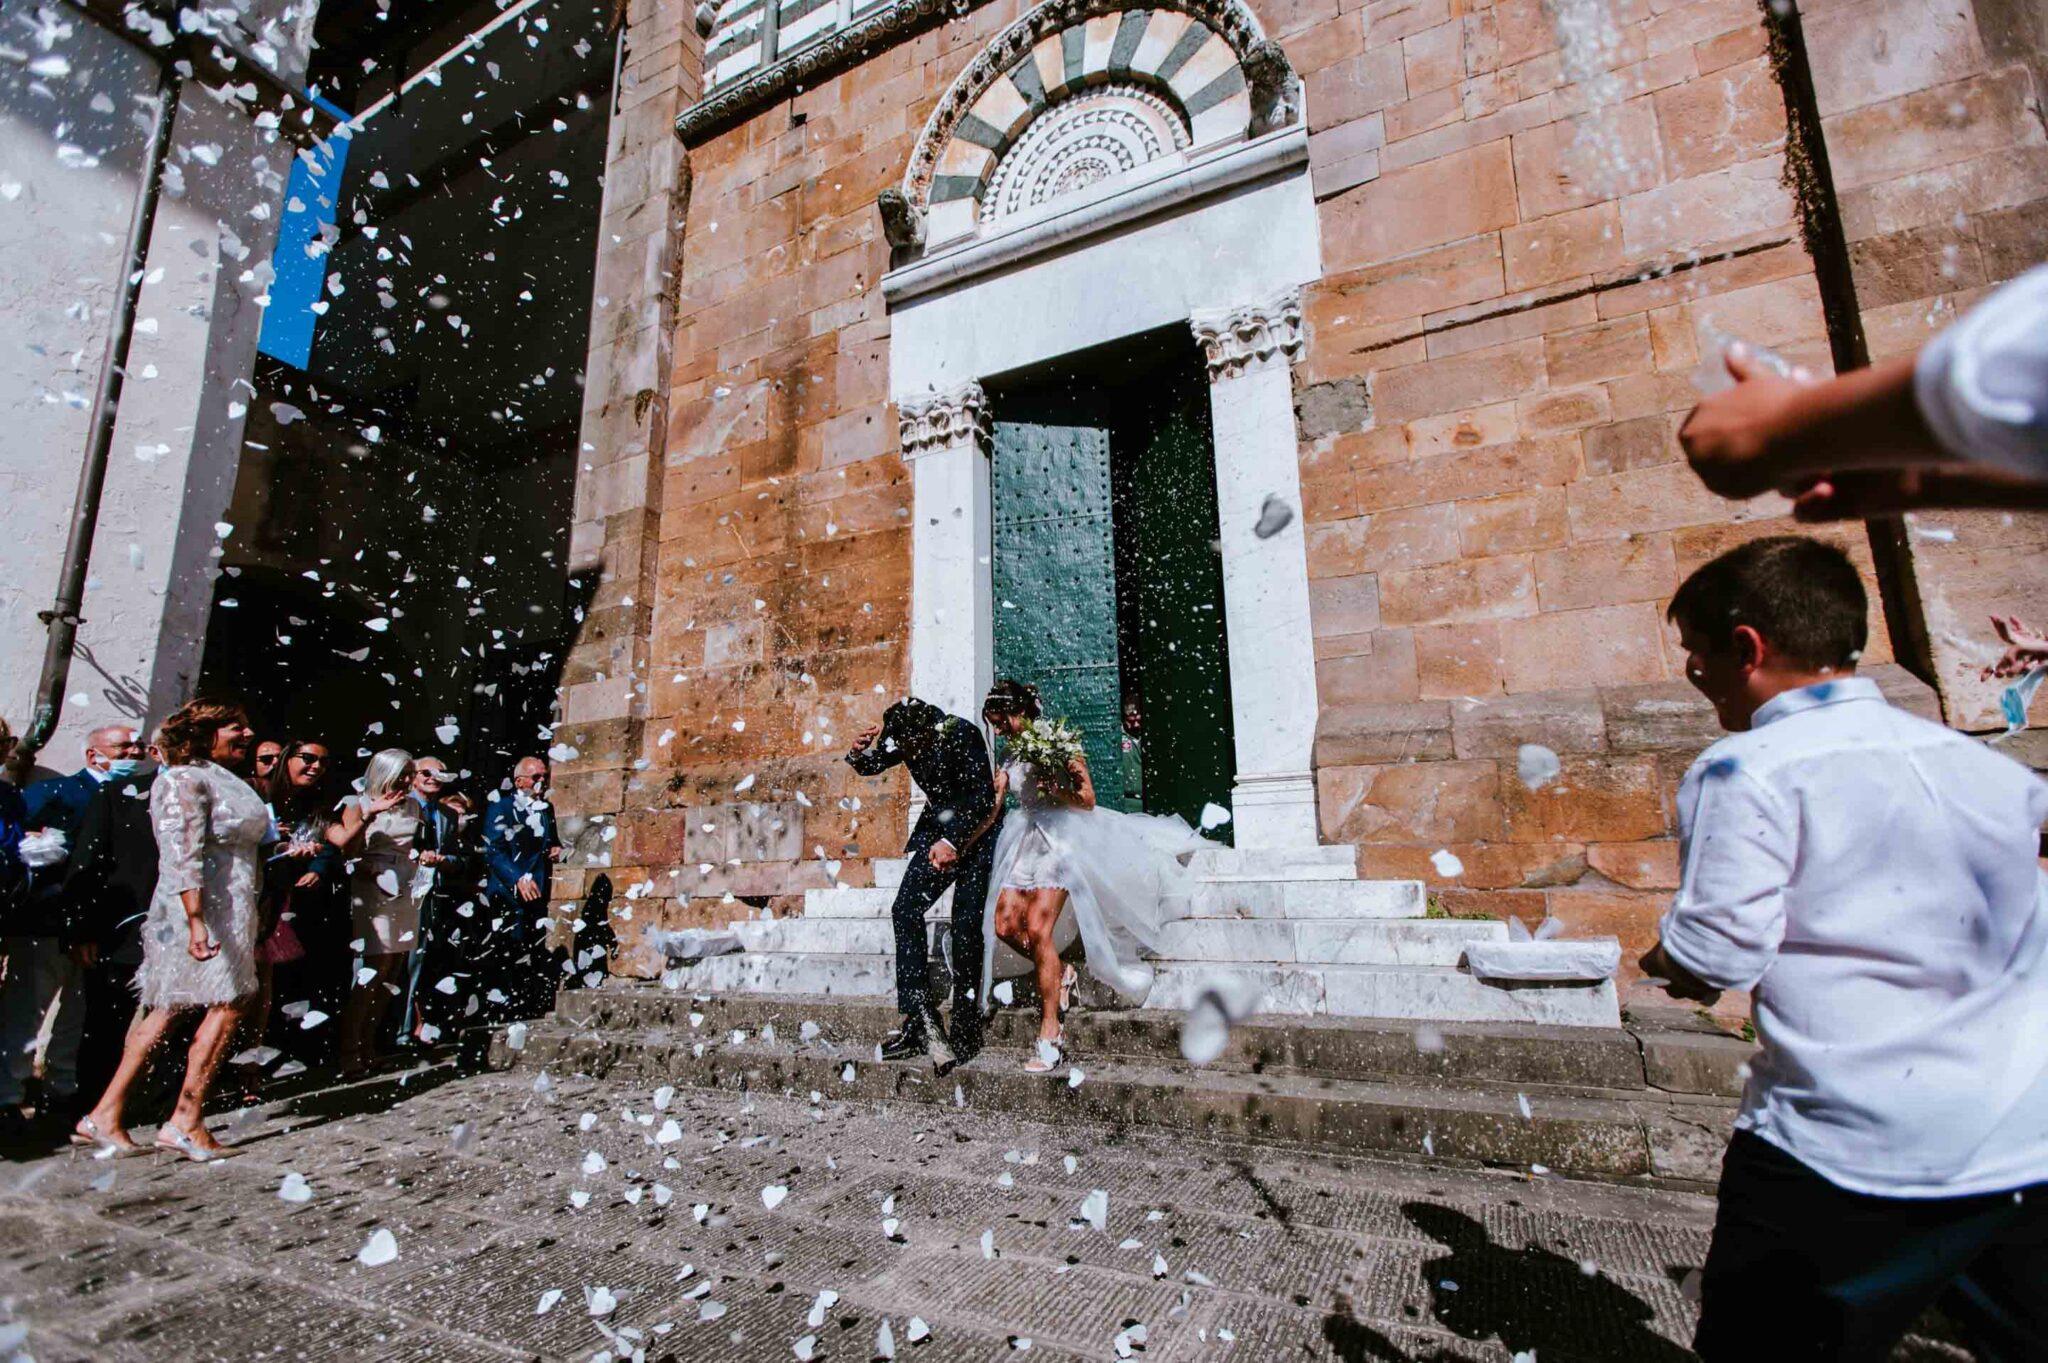 il momento del lancio del riso alla chiesa di Altopascio